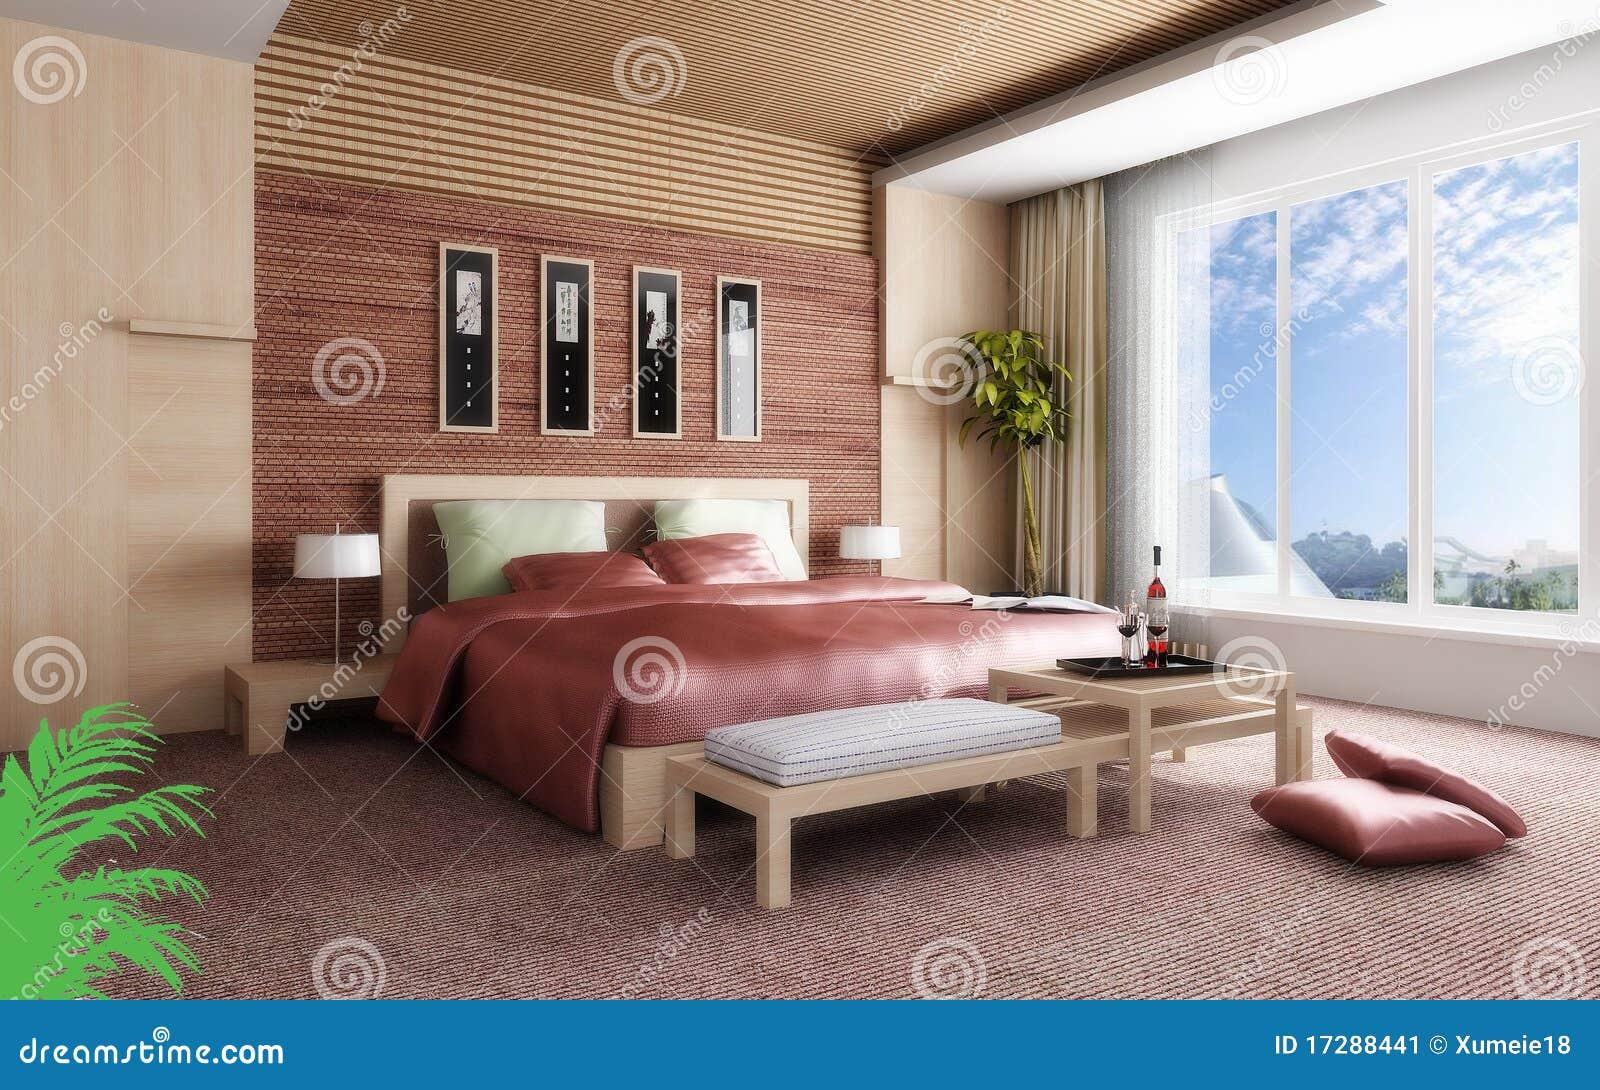 Rendu 3d de la chambre coucher la maison image stock for Chambre 0 coucher